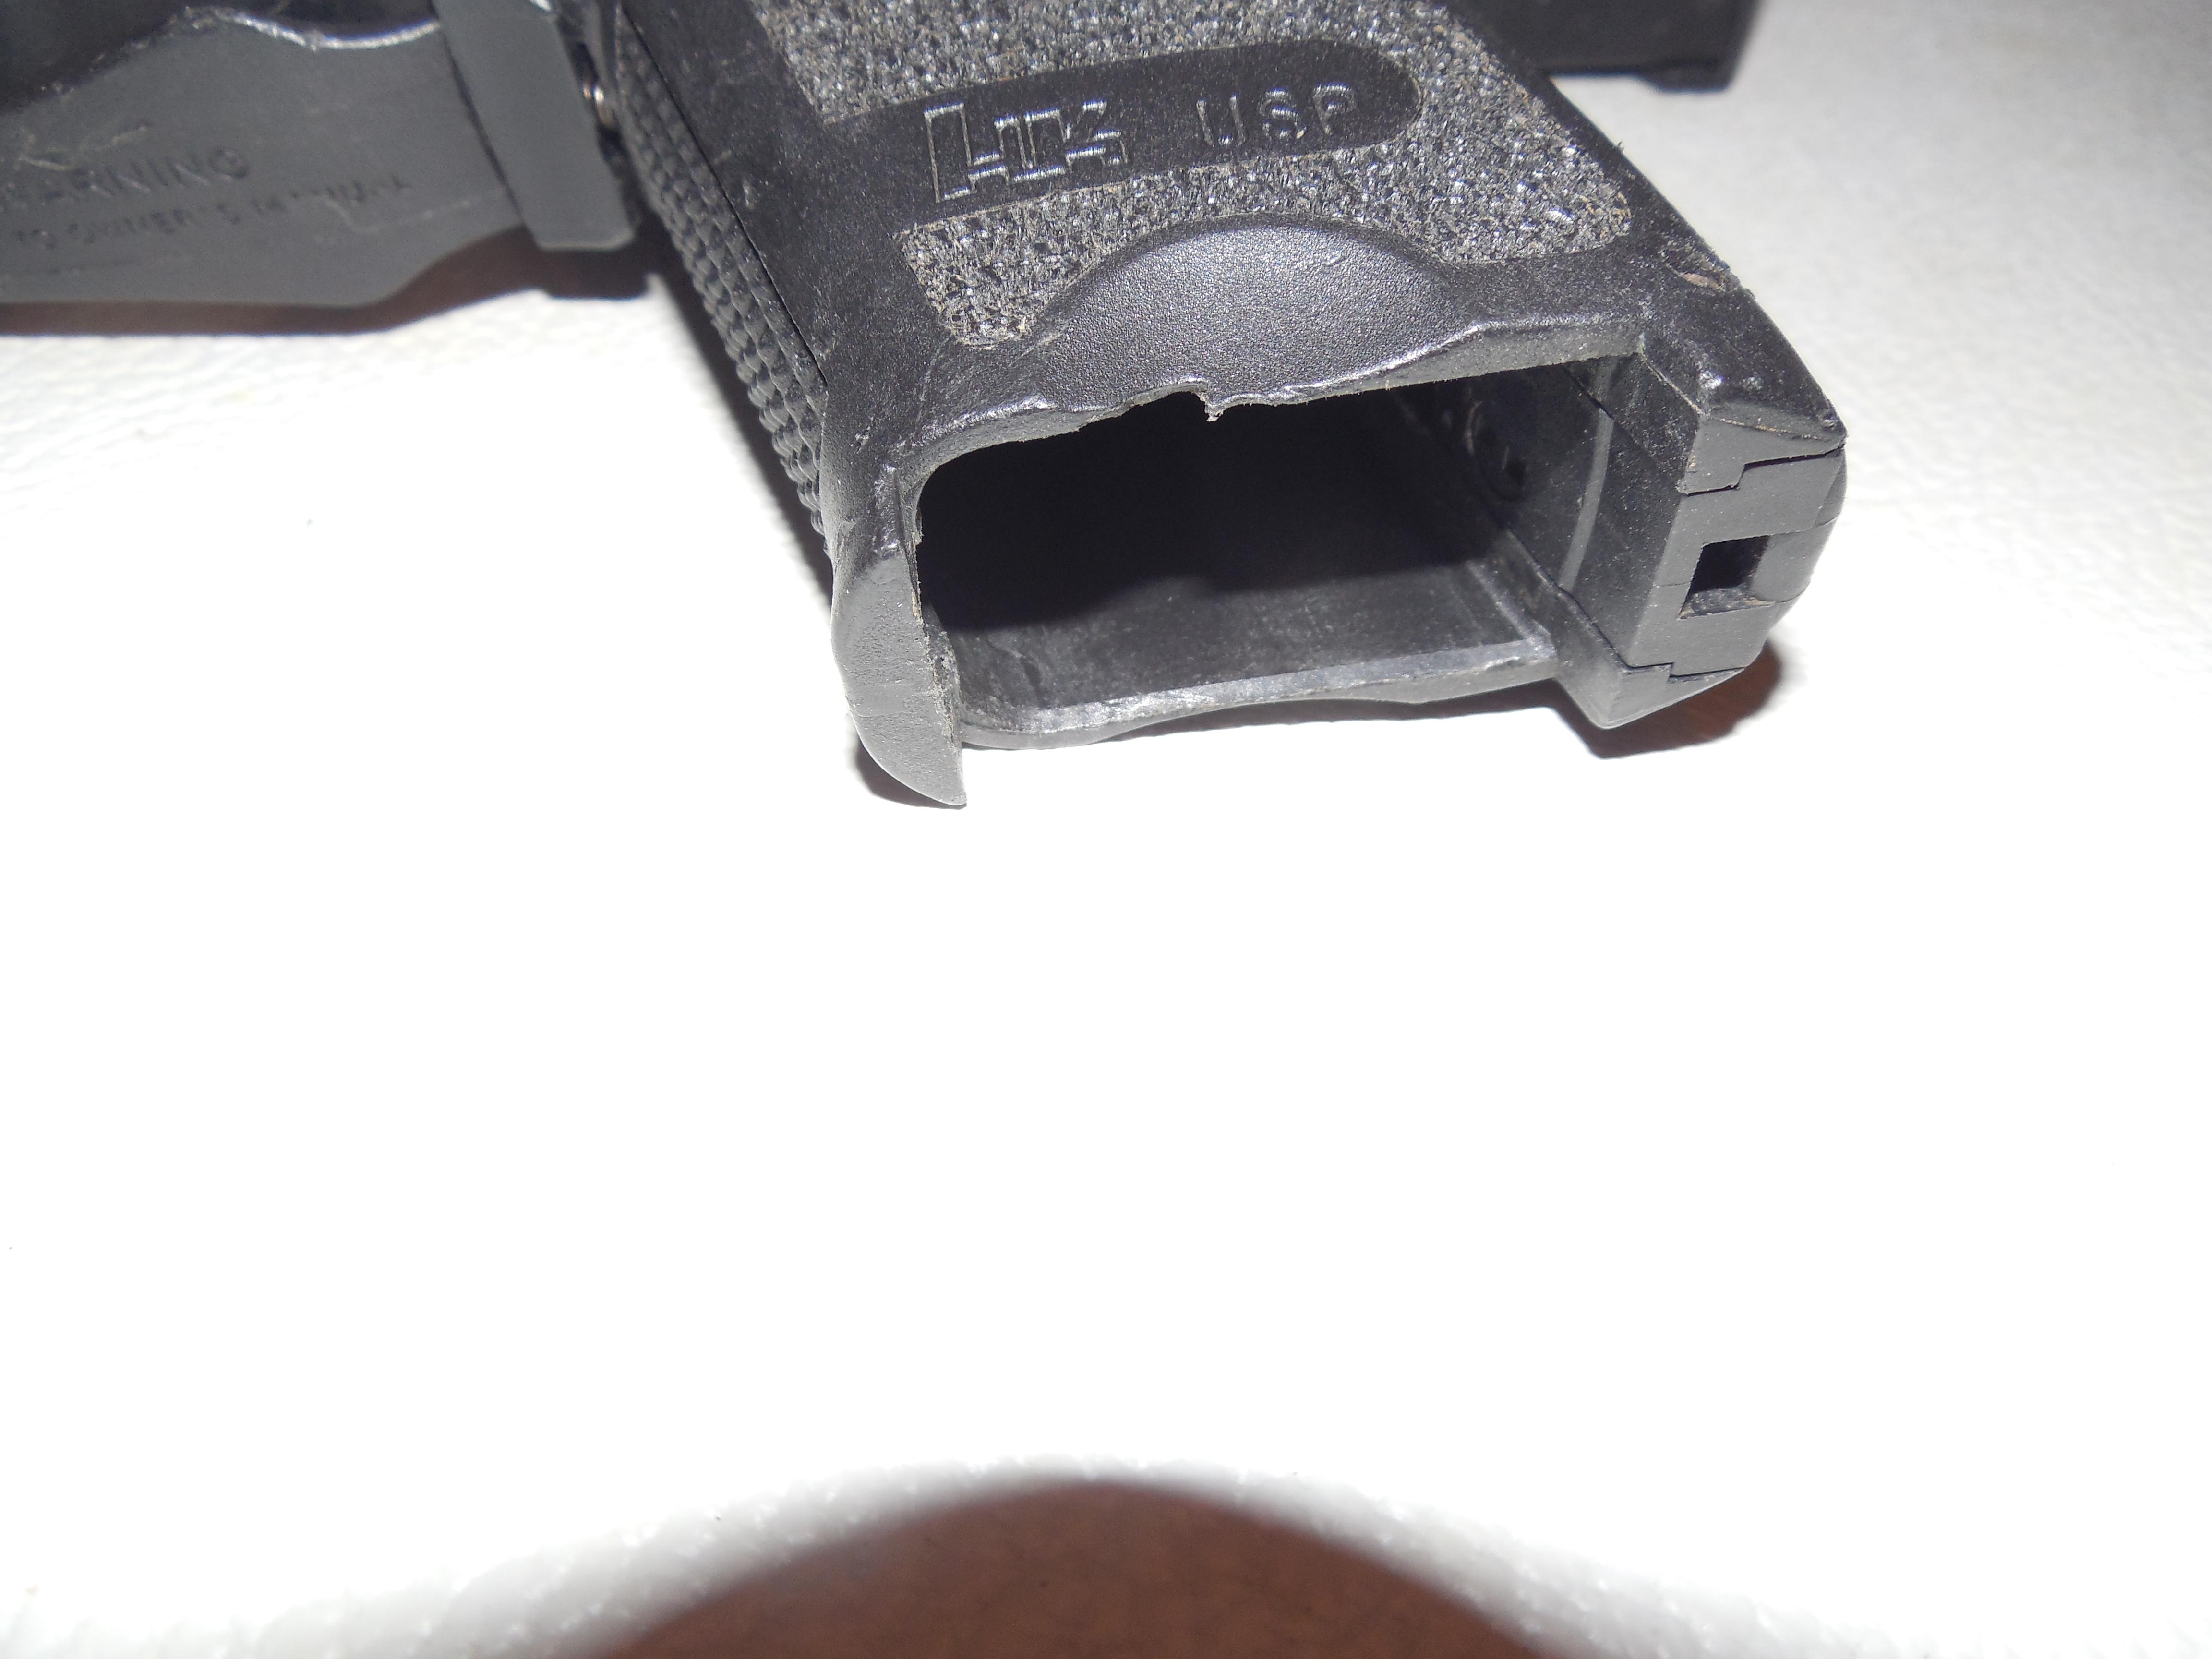 HELP! Cracked frame on a USP .45c Stainless-dscn0309.jpg